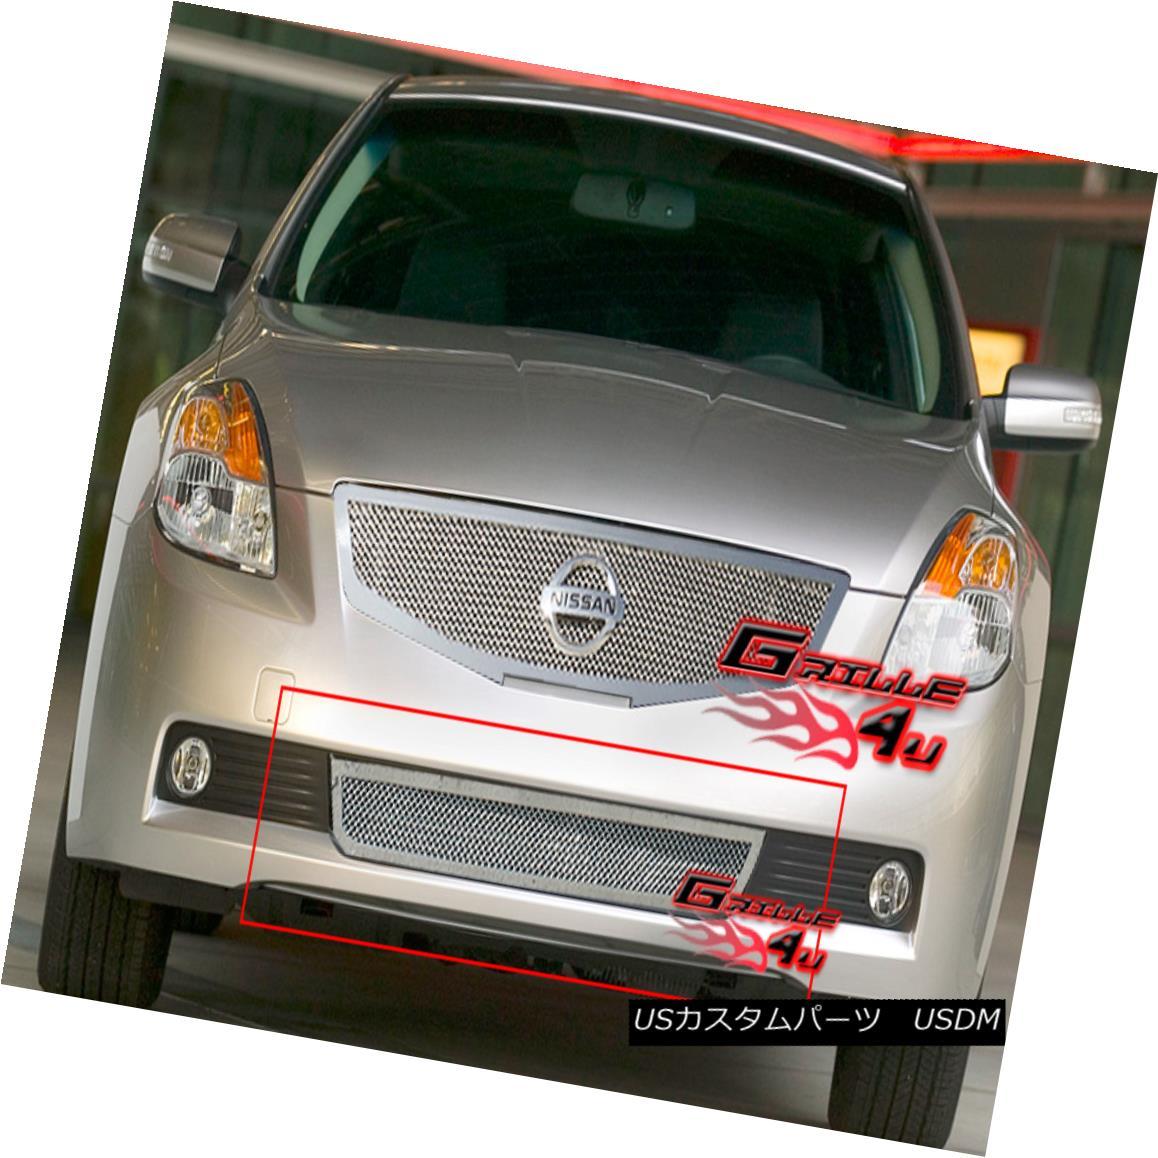 グリル Fits 2007-2009 Nissan Altima Bumper Stainless Mesh Grille Insert フィット2007-2009日産アルティマバンパーステンレスメッシュグリルインサート